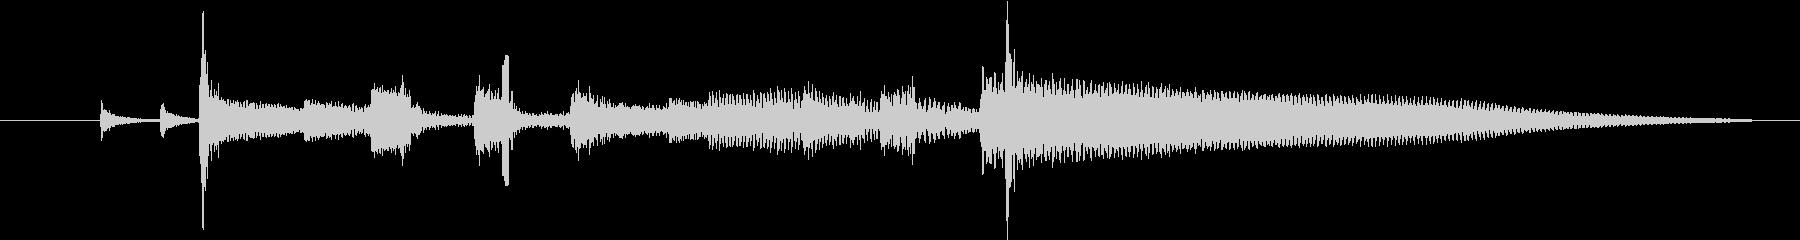 お洒落なジャズ調のジングルですの未再生の波形